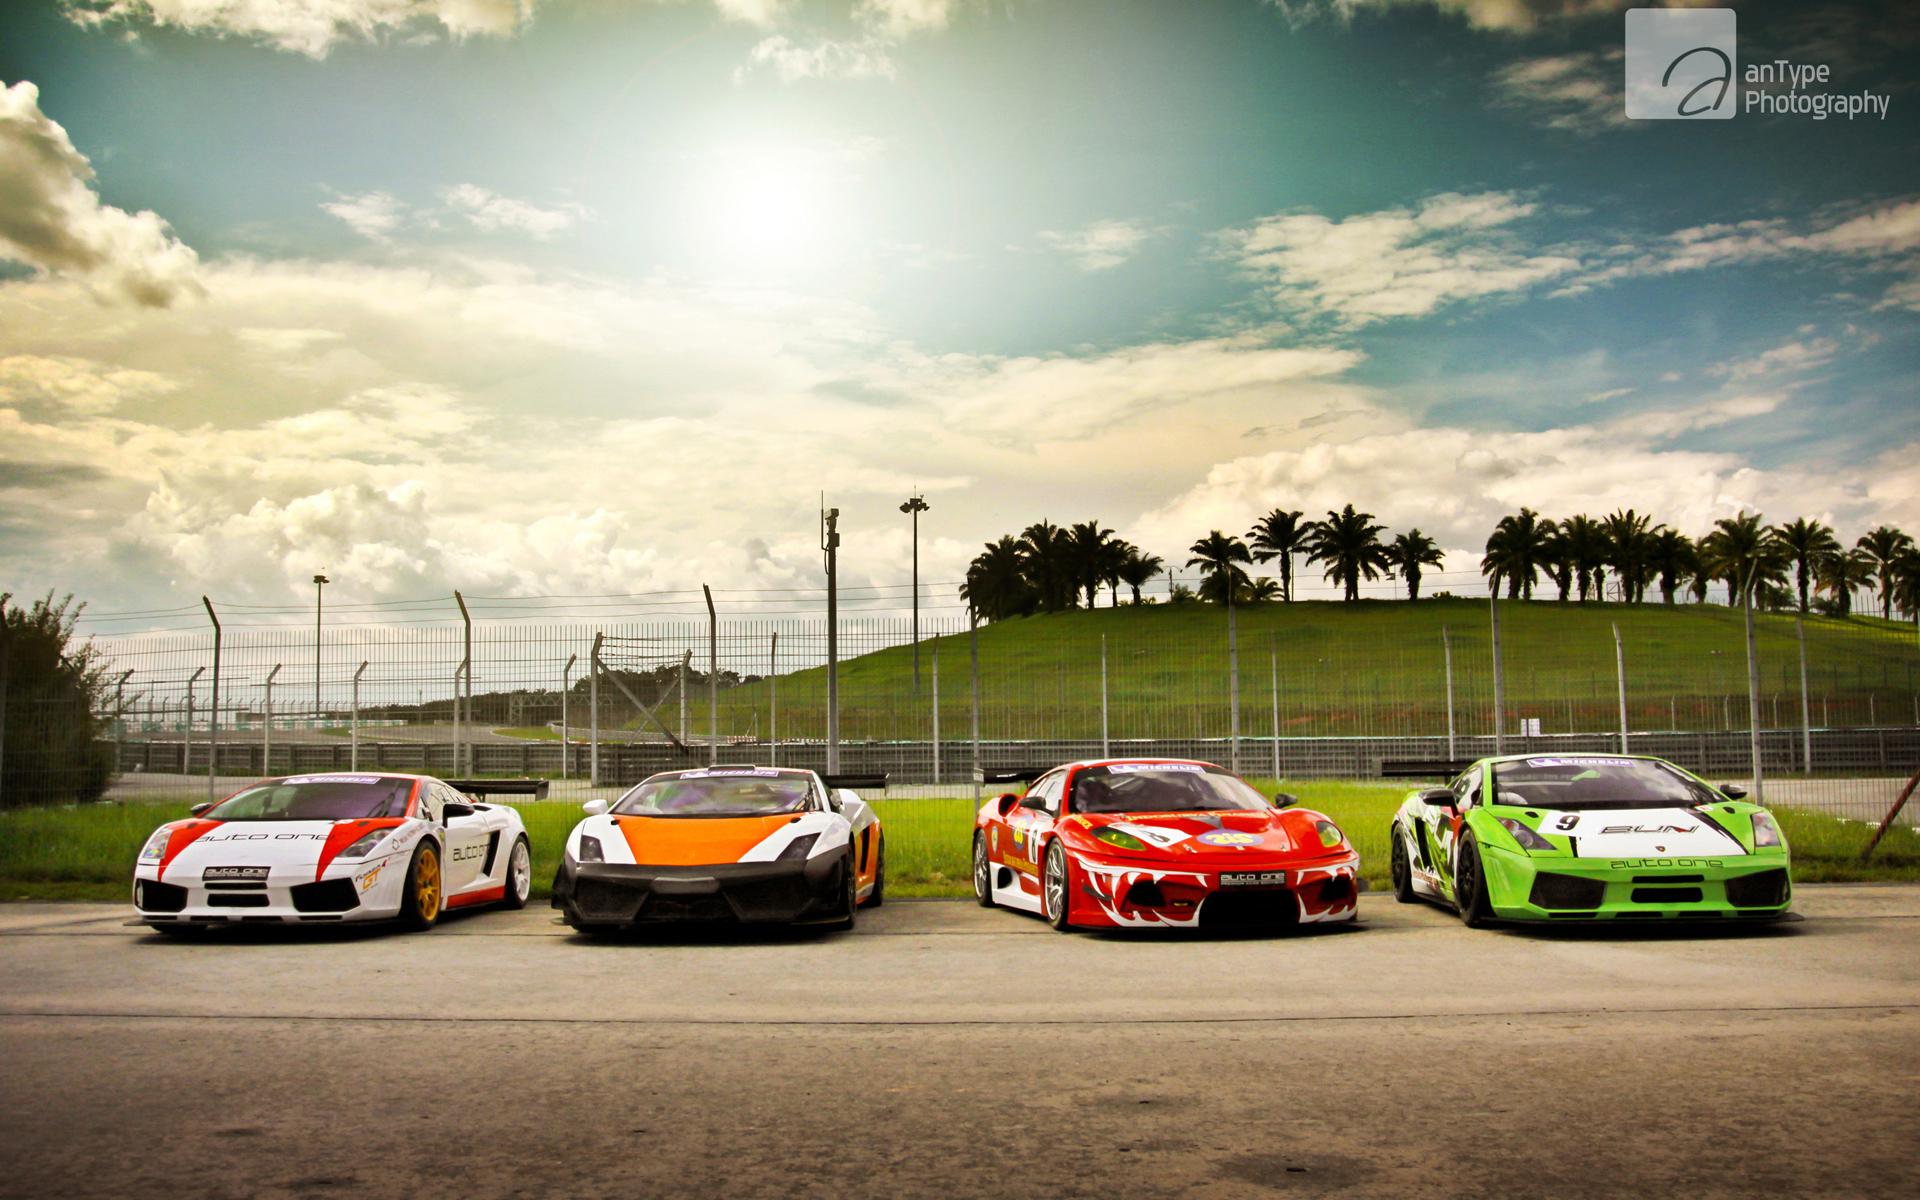 Lamborghini And Ferrari Cars Wallpaper Hd Car Wallpapers Id 2516